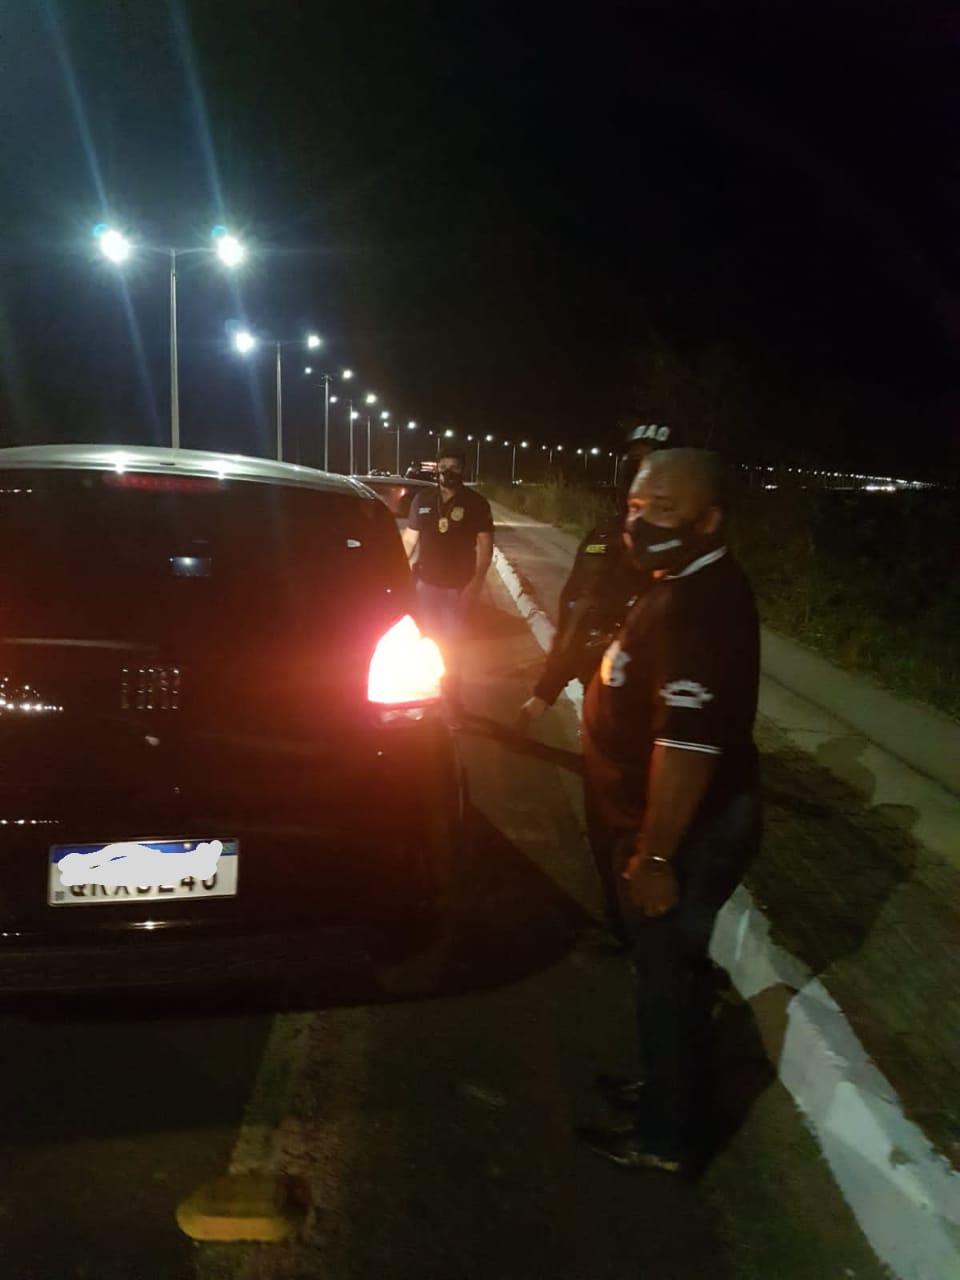 Veículos também são fiscalizados pela equipe de policiais. (Foto: Divulgação)